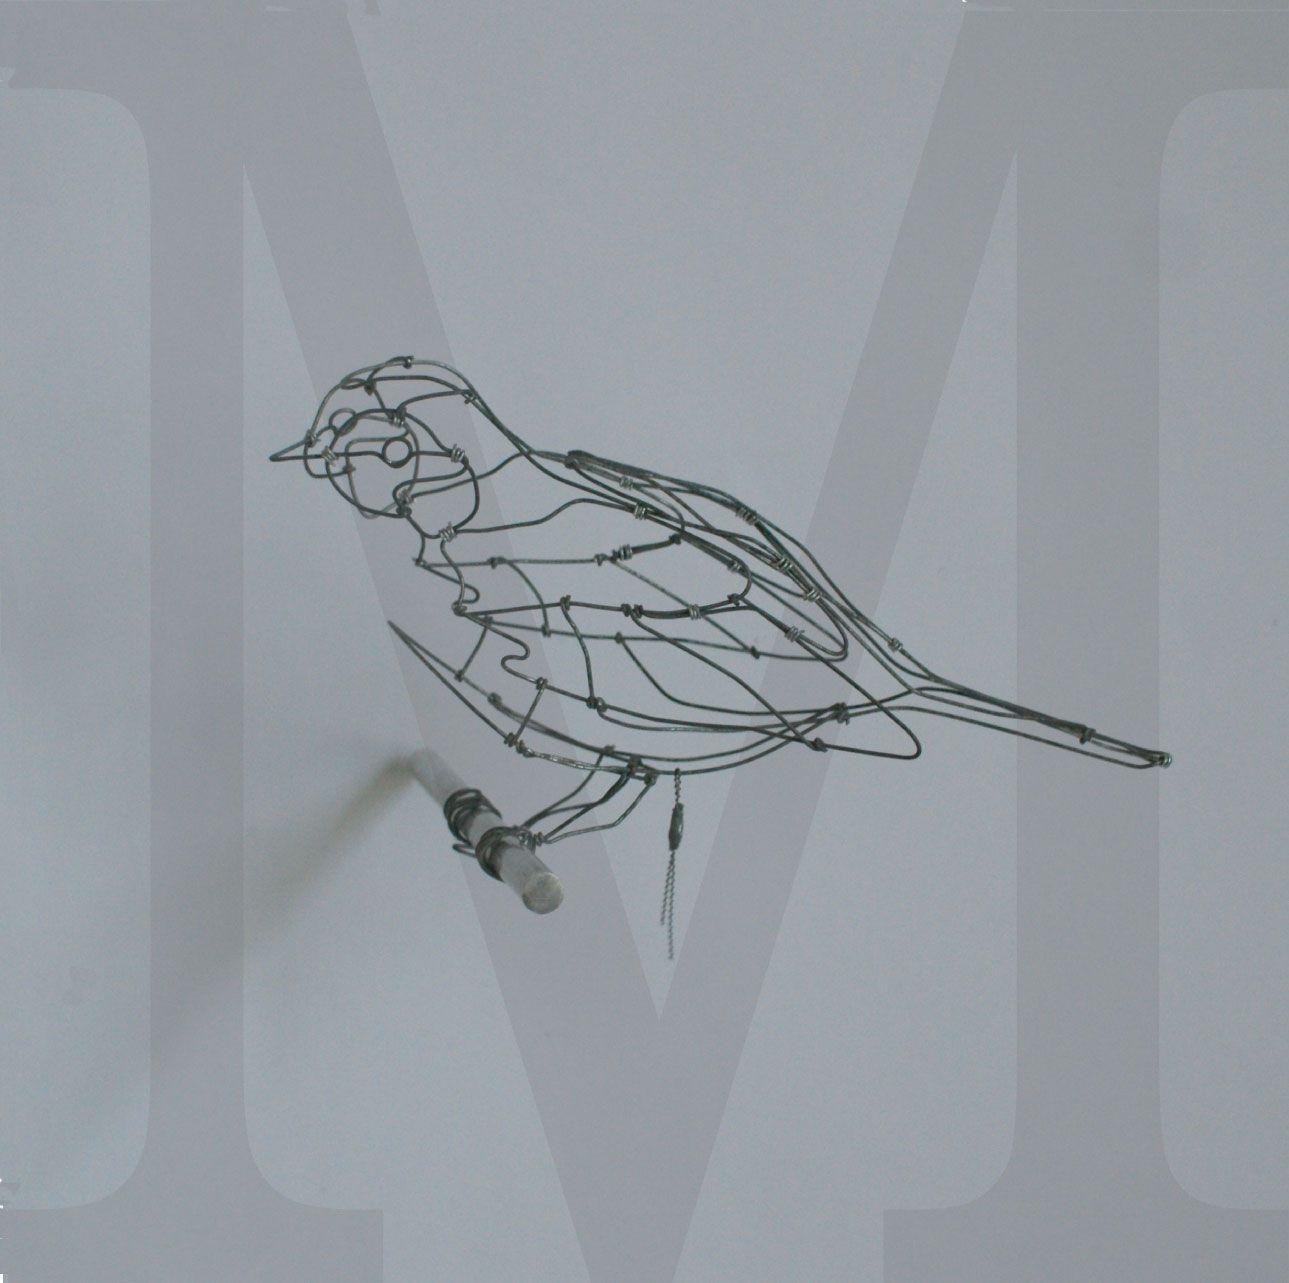 objets fils de fer | Birds | Art fil, Sculpture, Art